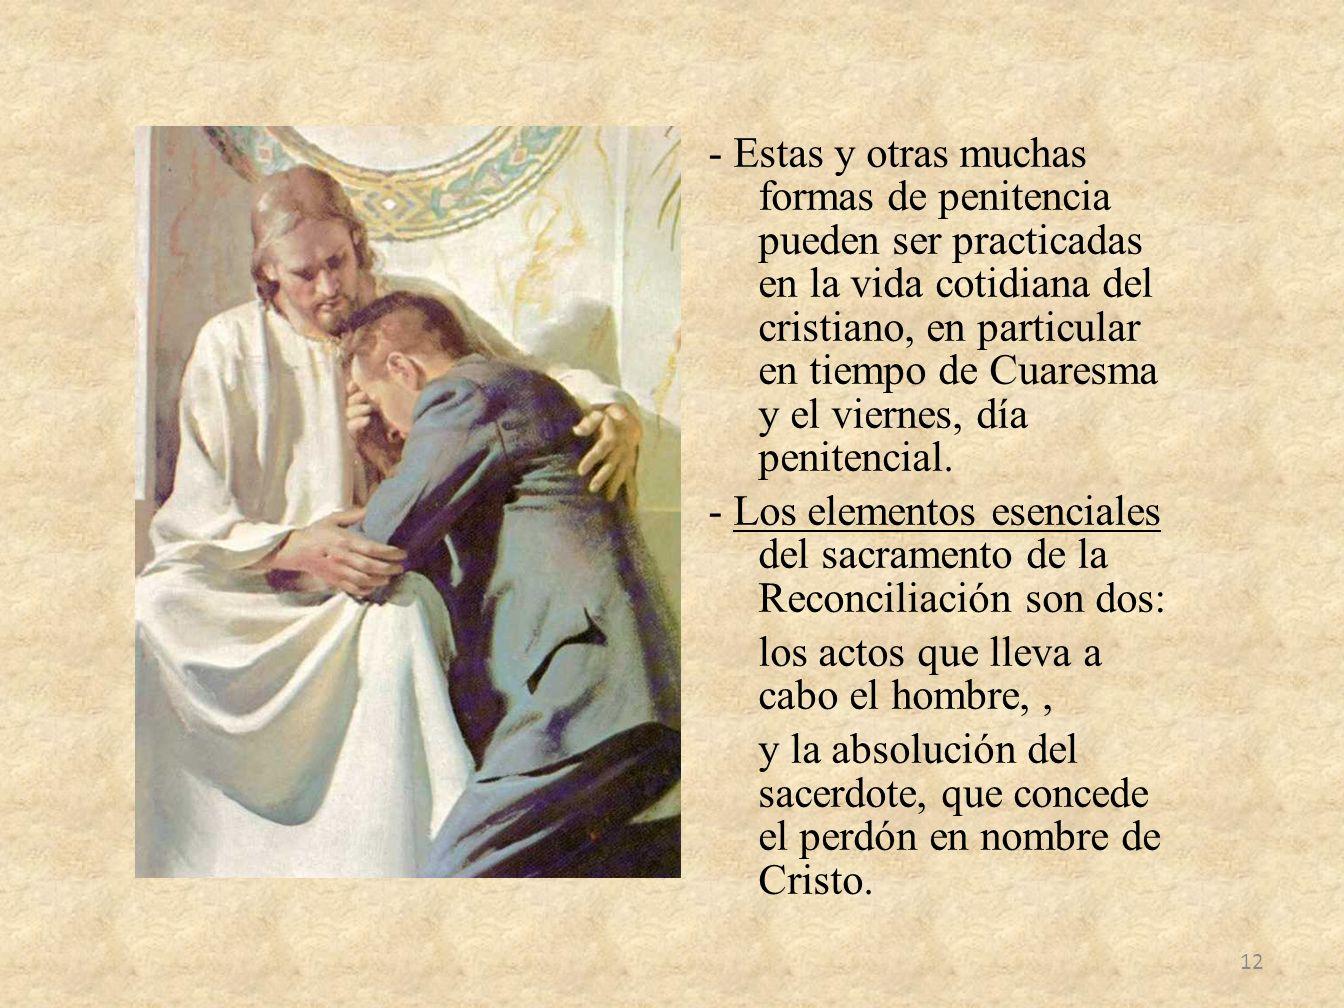 - Estas y otras muchas formas de penitencia pueden ser practicadas en la vida cotidiana del cristiano, en particular en tiempo de Cuaresma y el viernes, día penitencial.